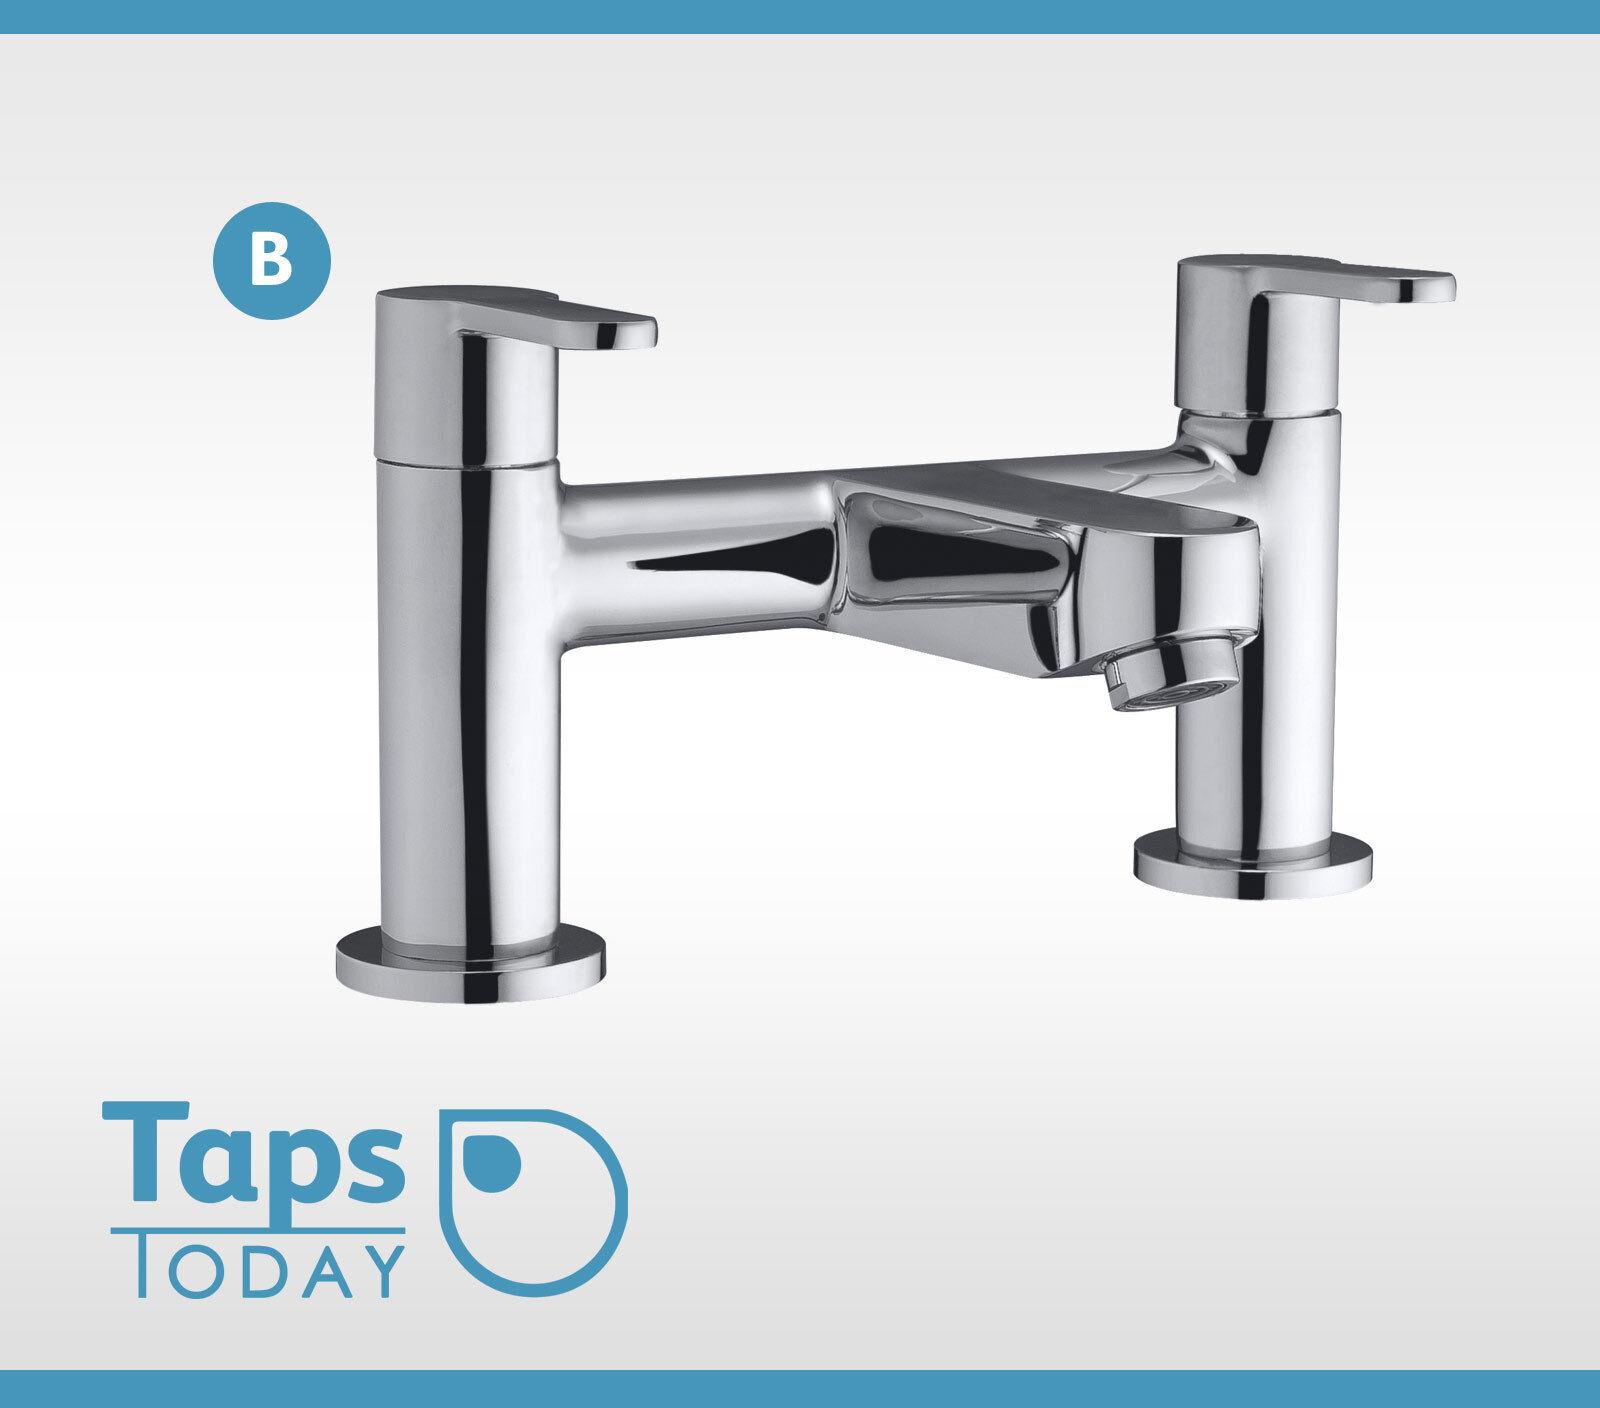 Chrome robinet salle de de de bain pop set mélangeur de bassin bain remplissage bain douche mélangeur et déchets | Un Approvisionnement Suffisant  d61bc5